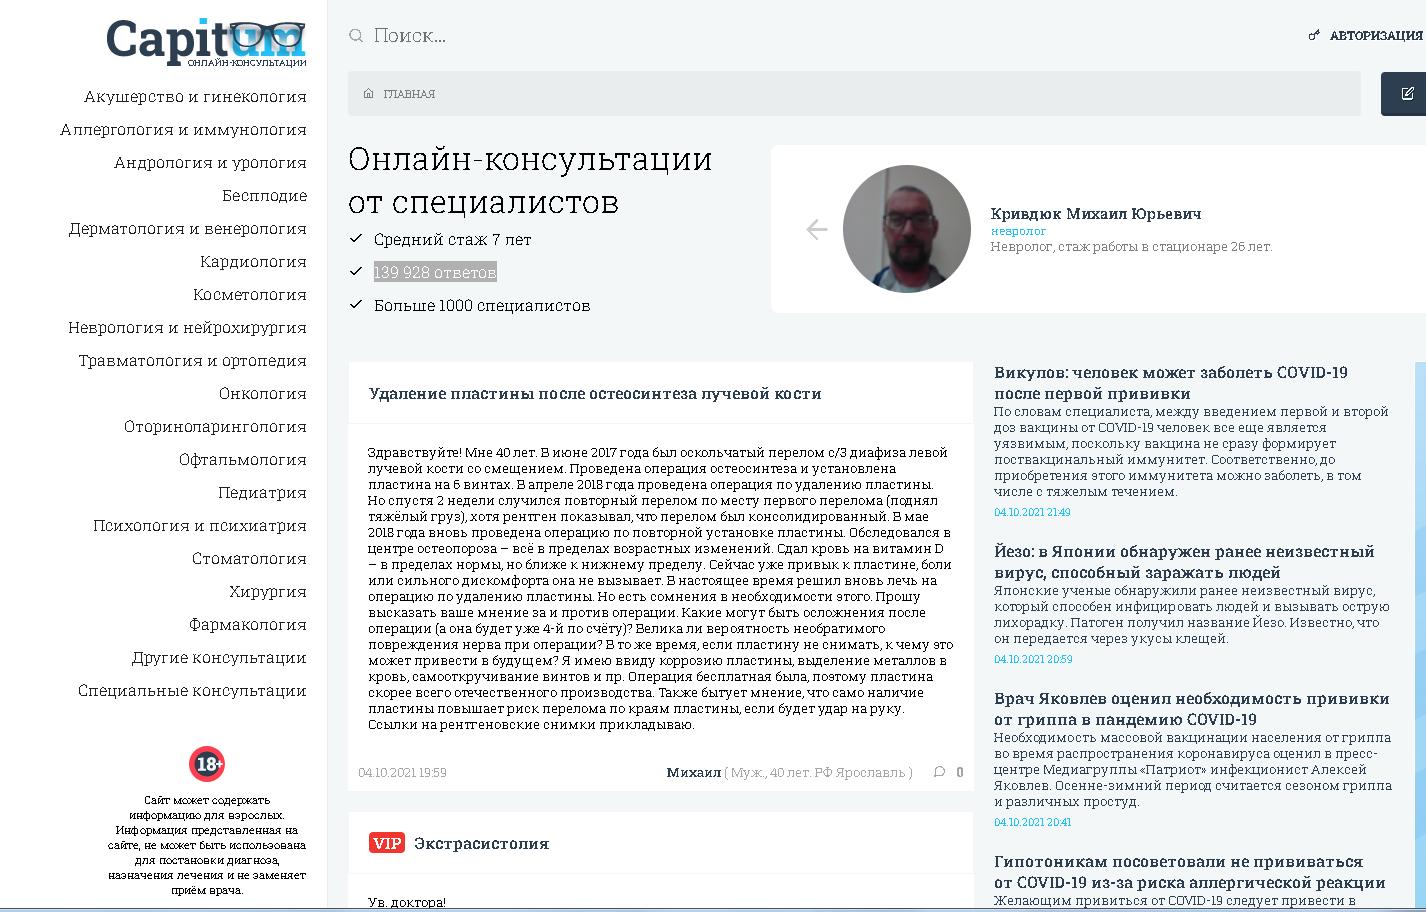 3331 Основные преимущества сервисов онлайн-консультаций врачей